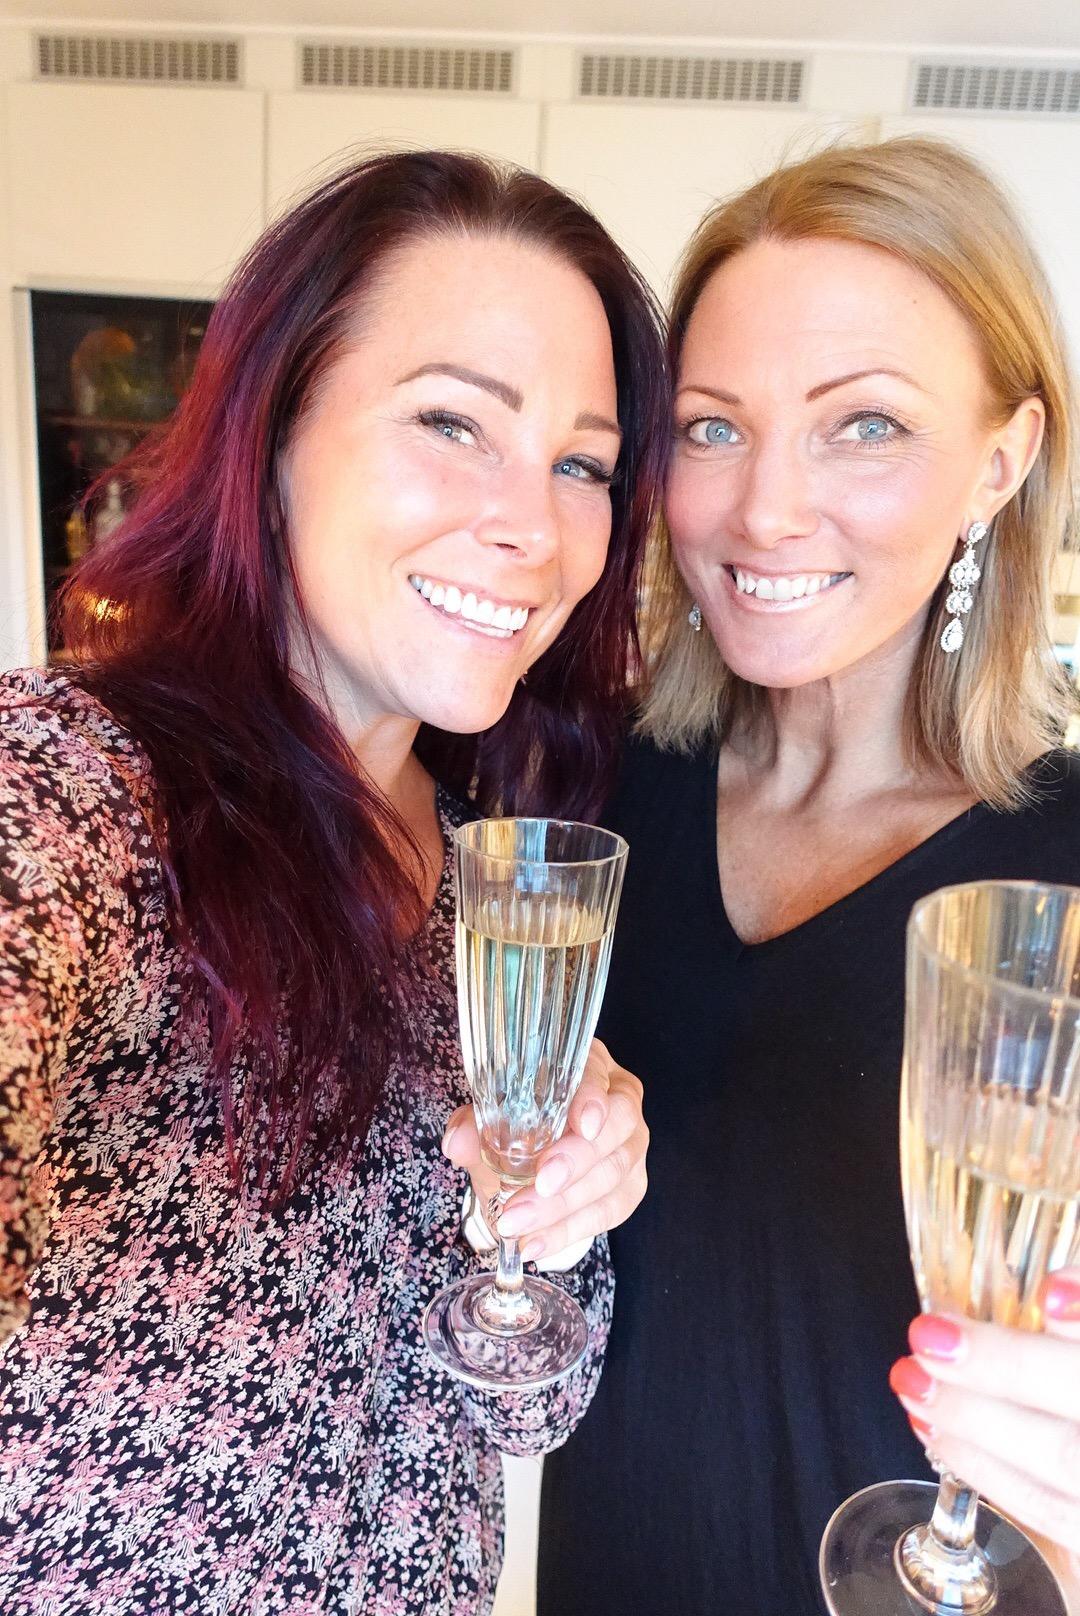 Överraskning i Örebro!   56kilo   lchf recept och livsstil!